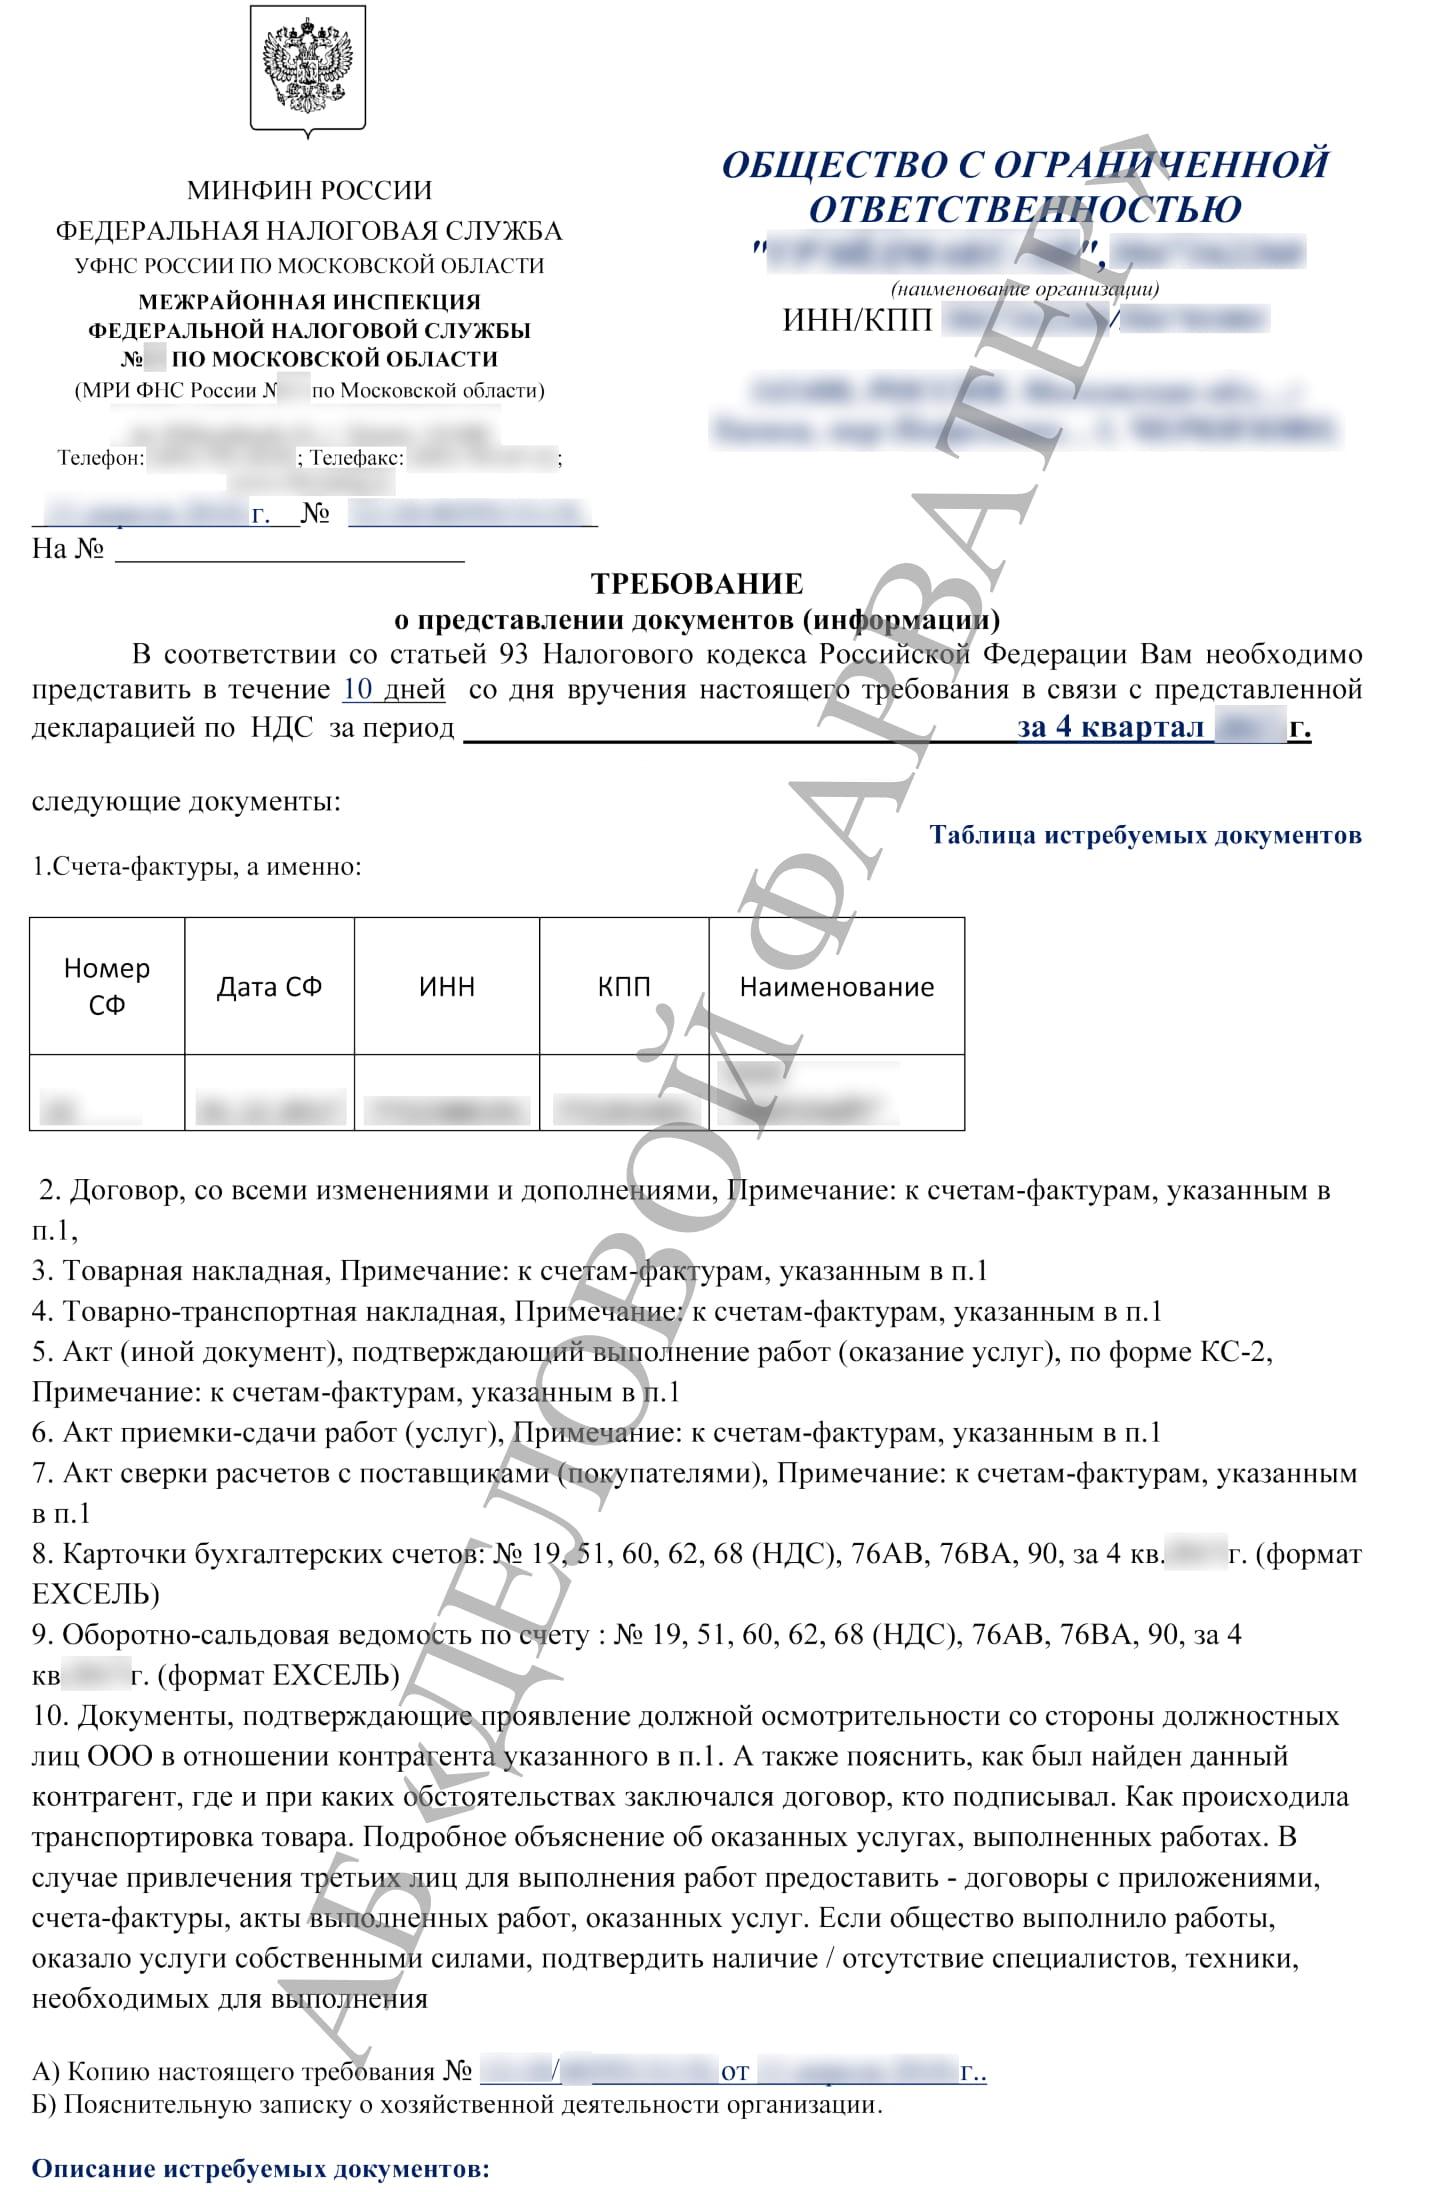 Заявка на кредит мтс деньги